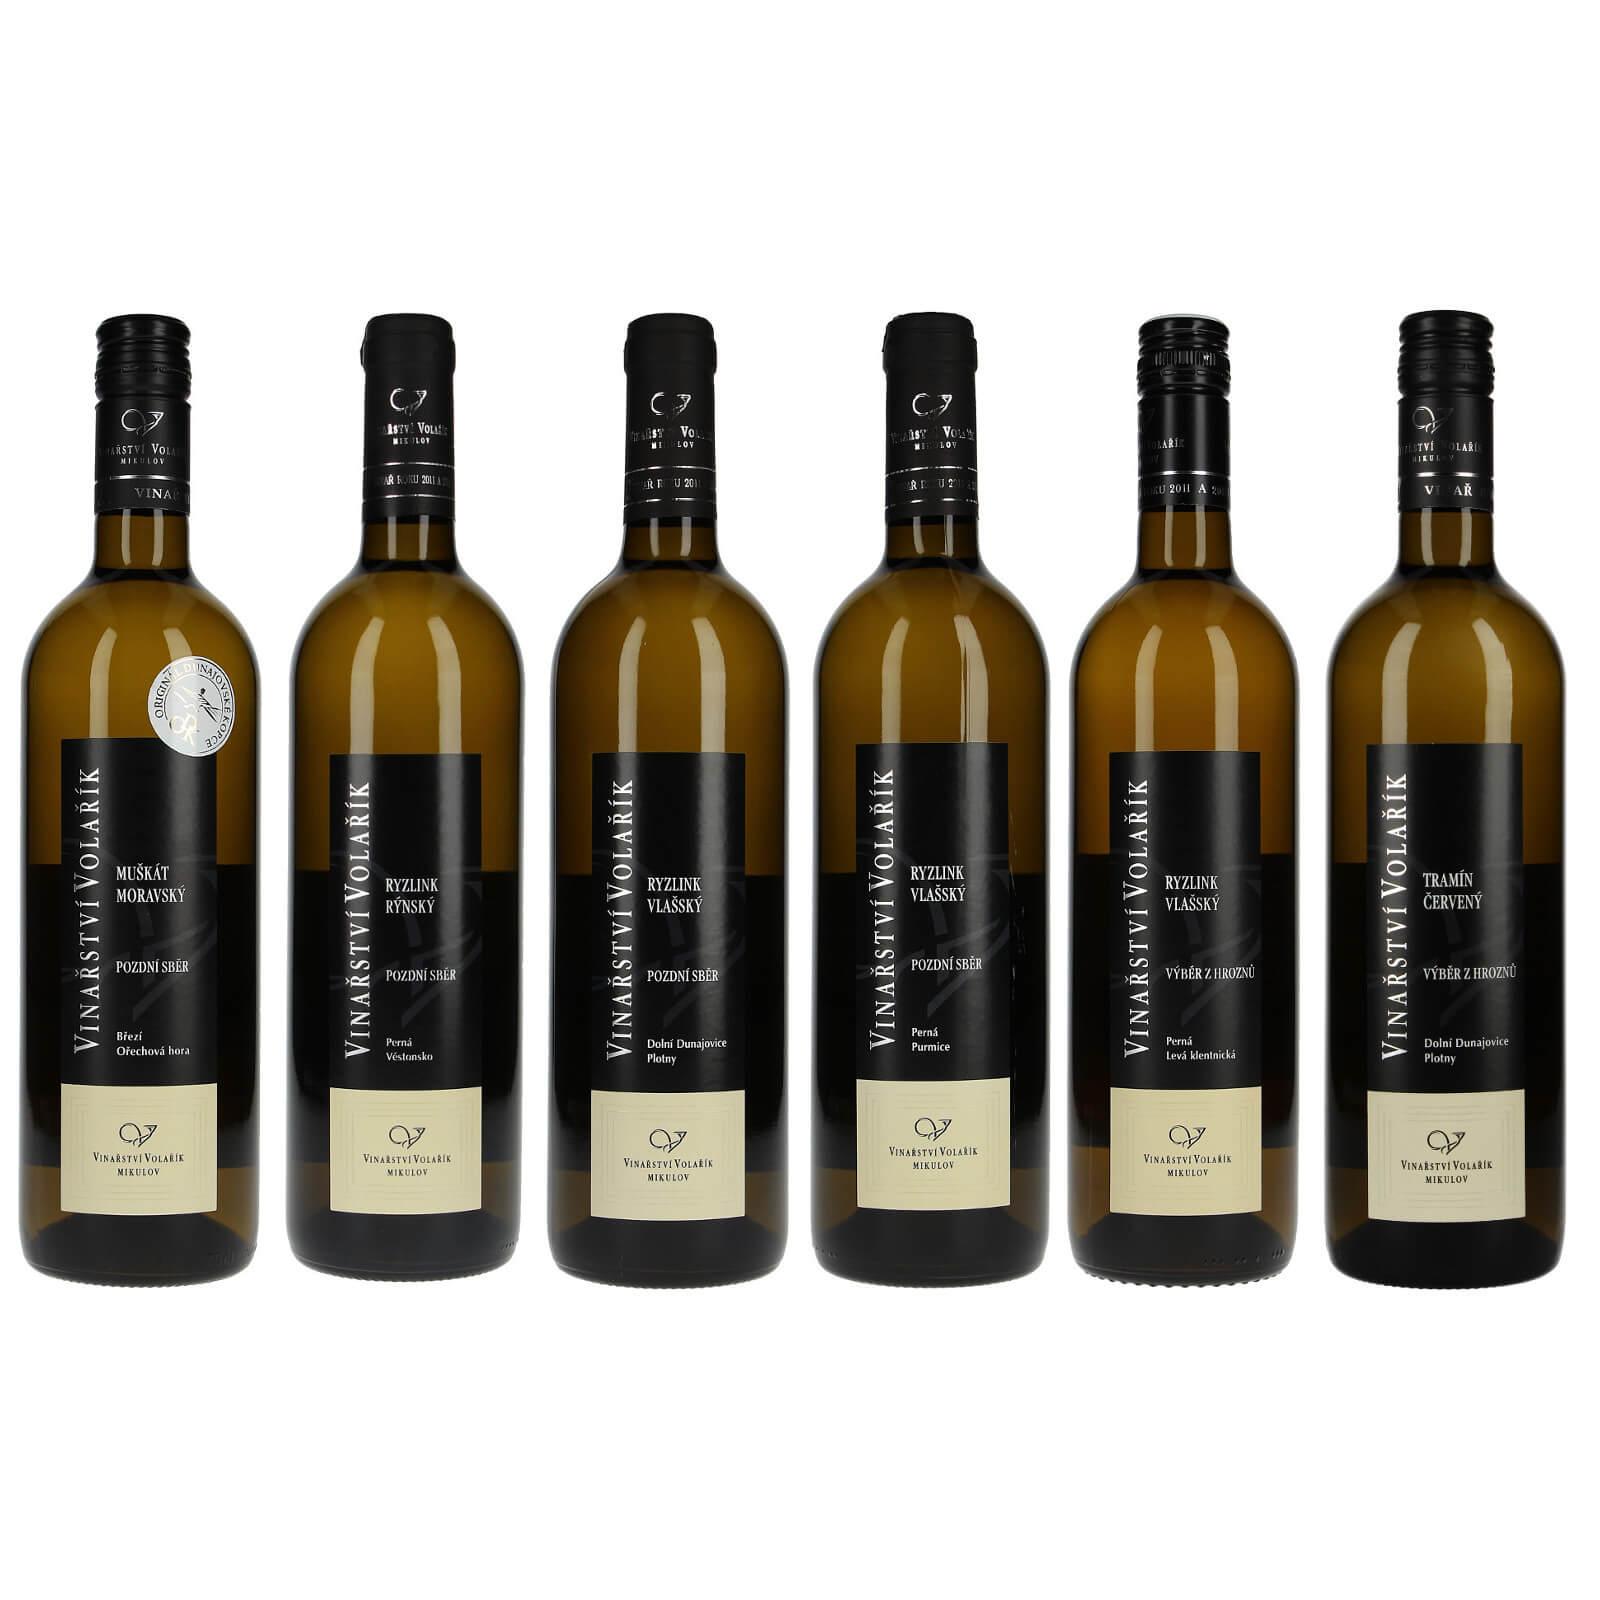 Best of Volařík - Zlaté medaile z Krále vín, Vinařství Volařík